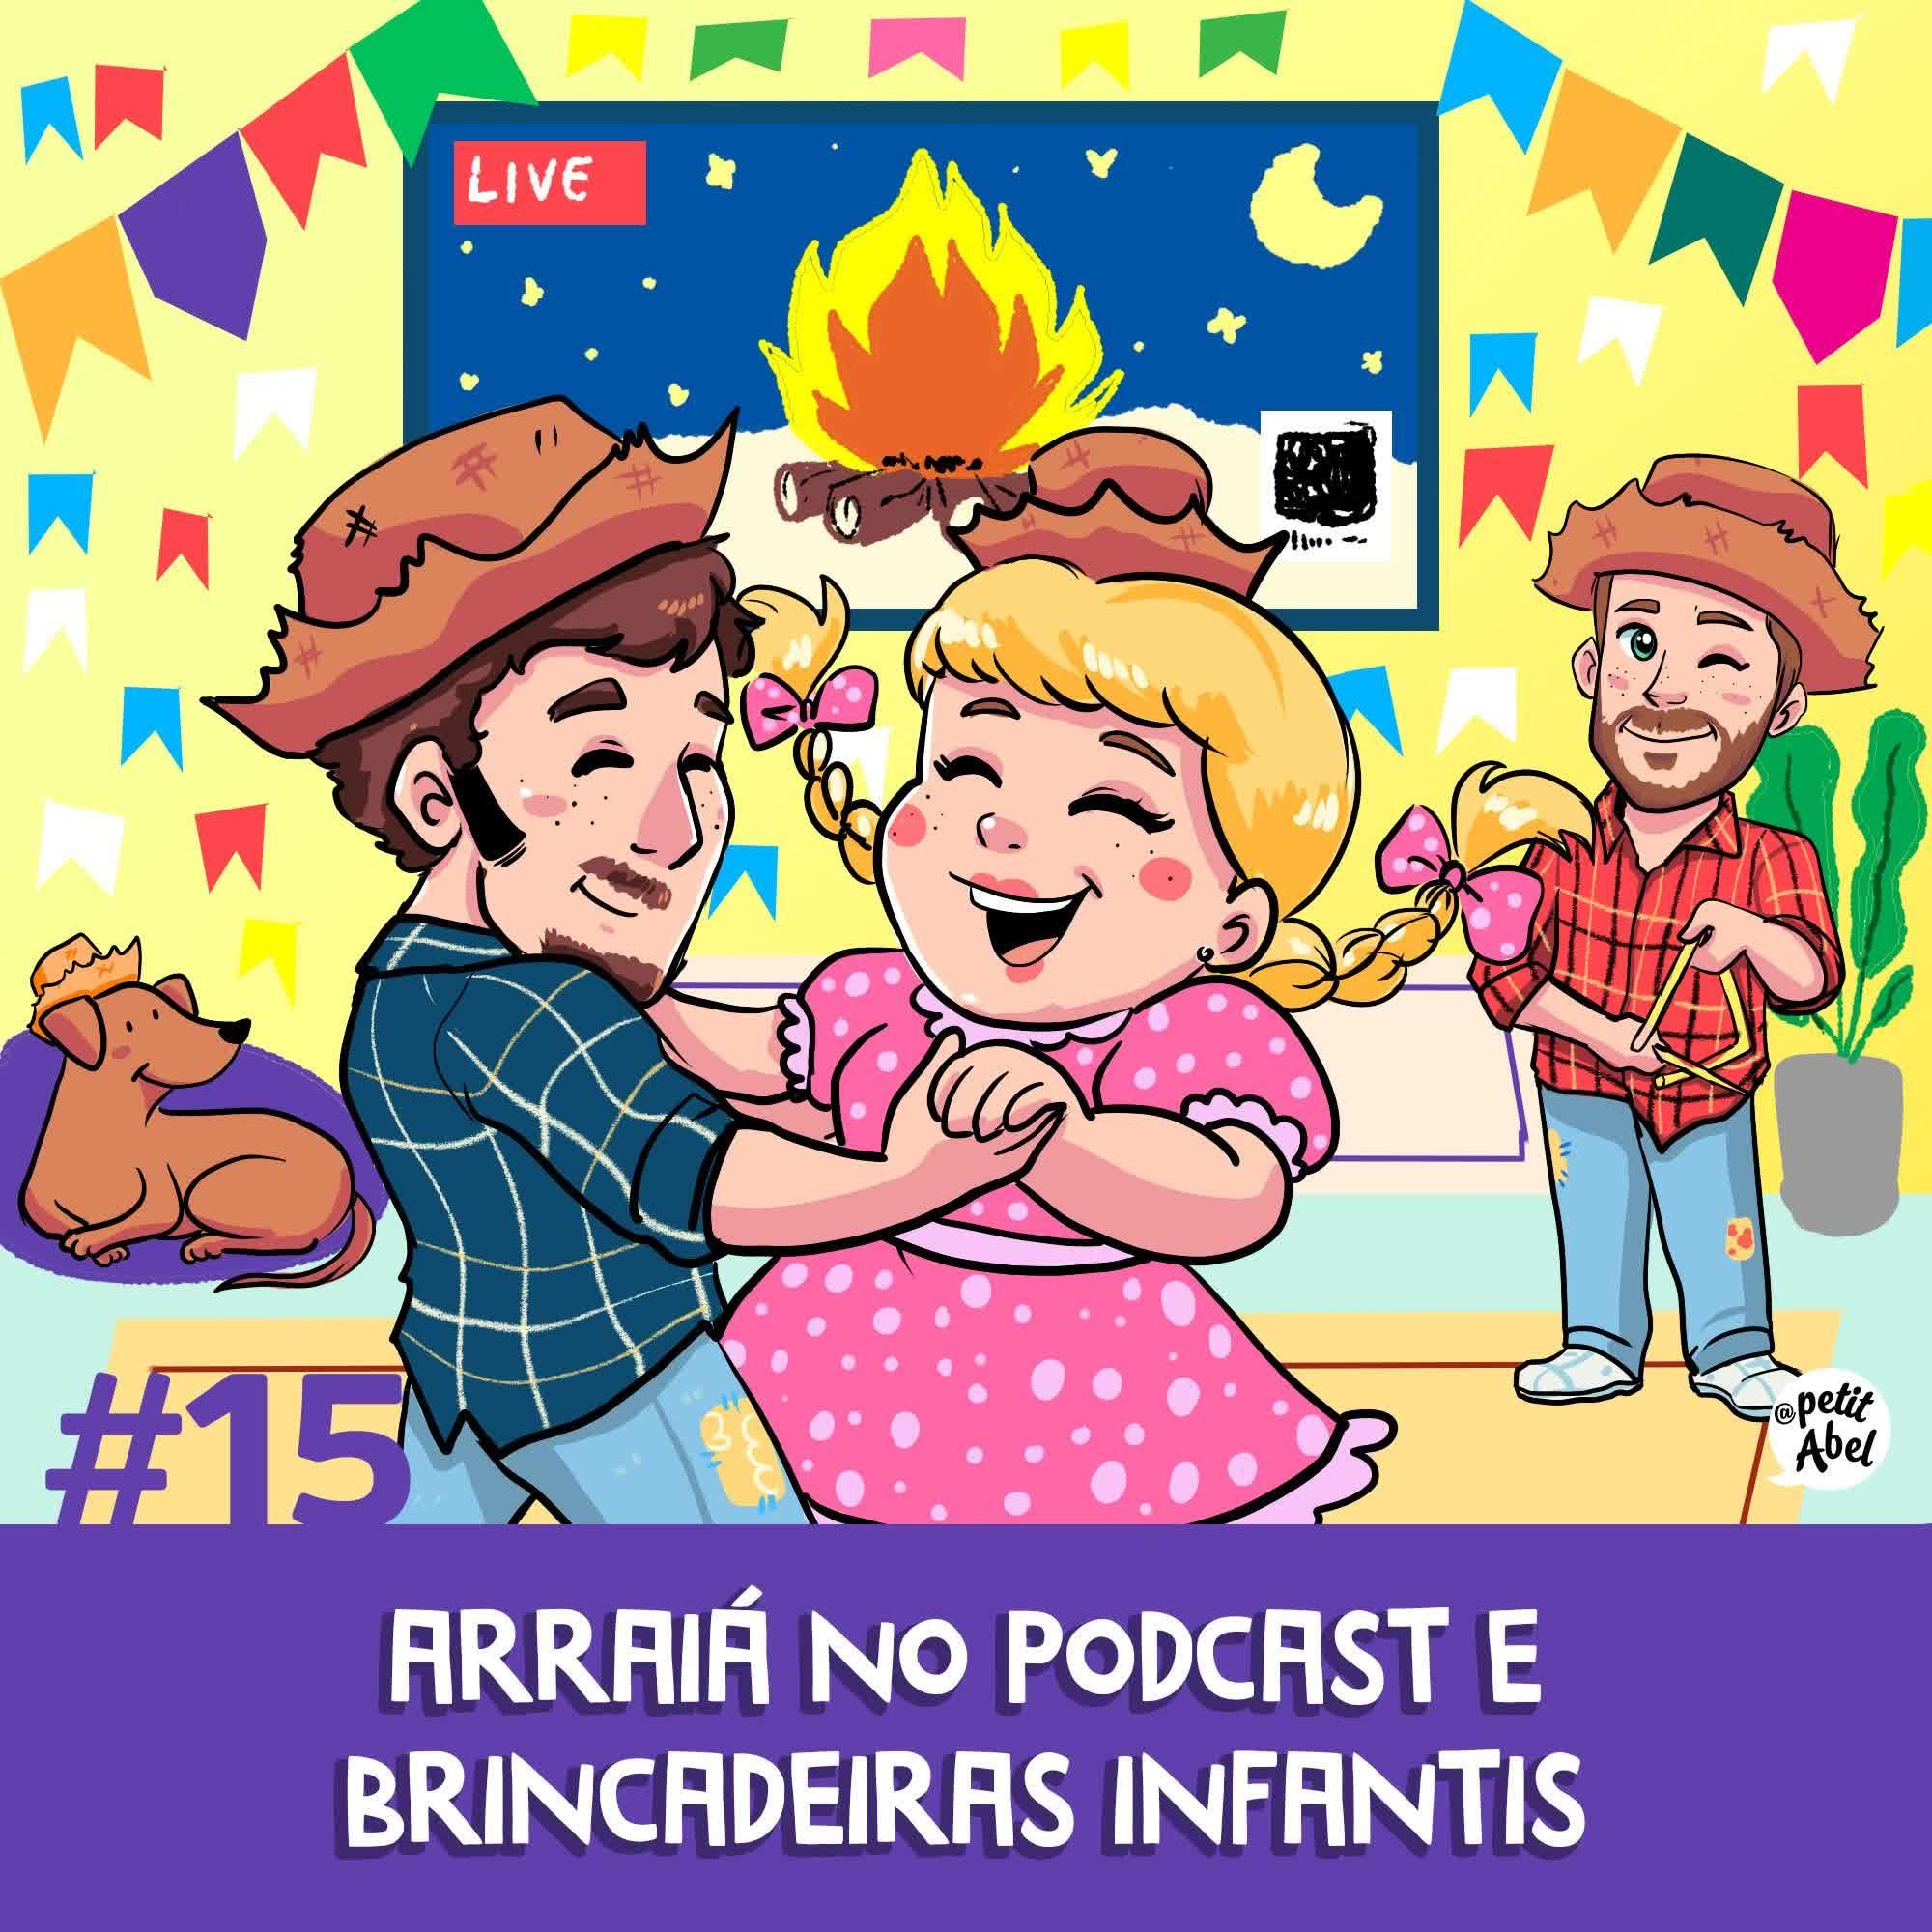 #15 - Arraiá no Podcast e Brincadeiras Infantis